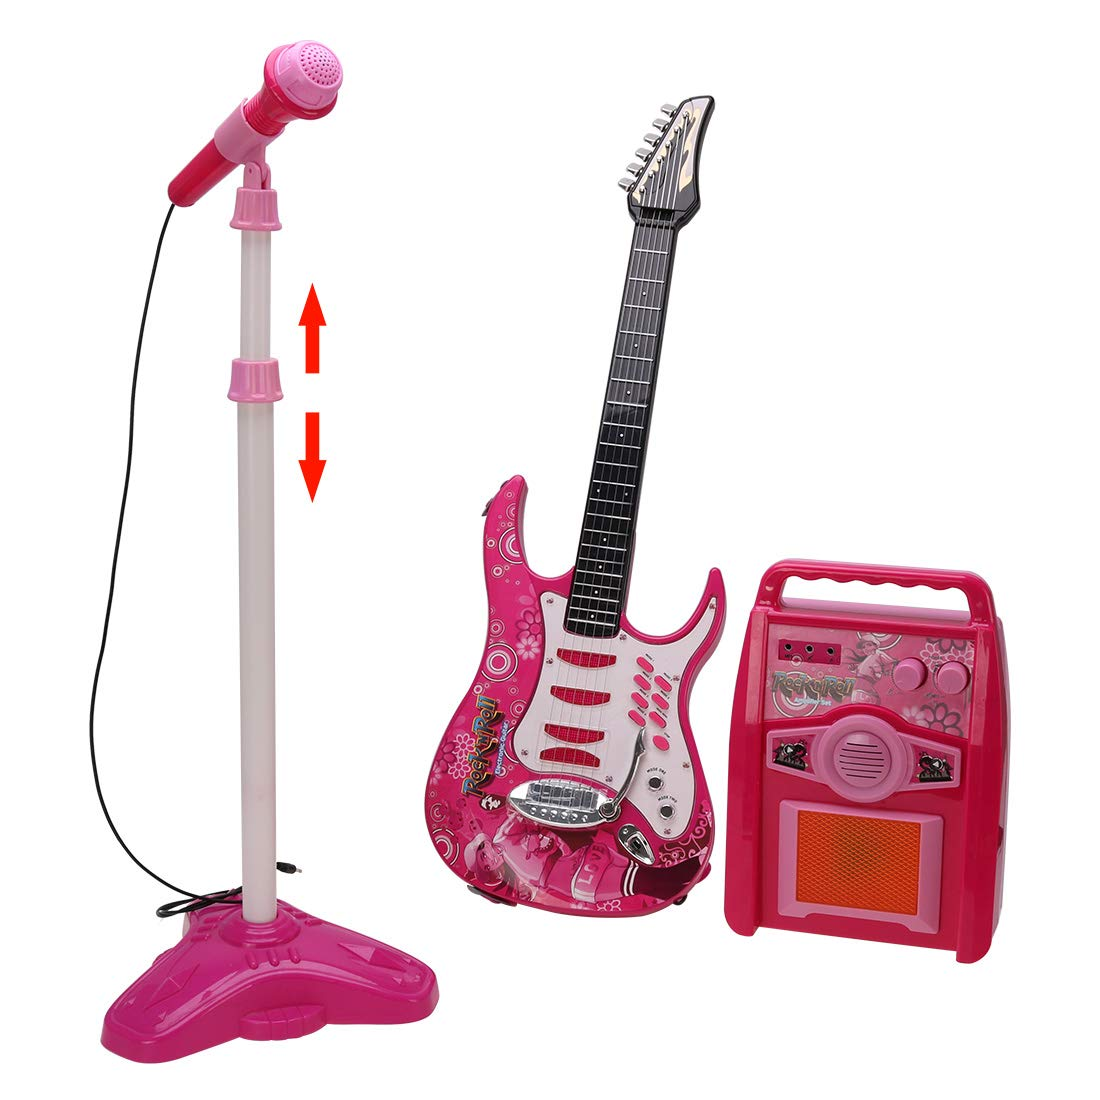 Yvsoo Guitarra Electrónica Juguete con Karaoke Micrófono y MP3 Reproductor Playsets para Niños (Azul): Amazon.es: Juguetes y juegos